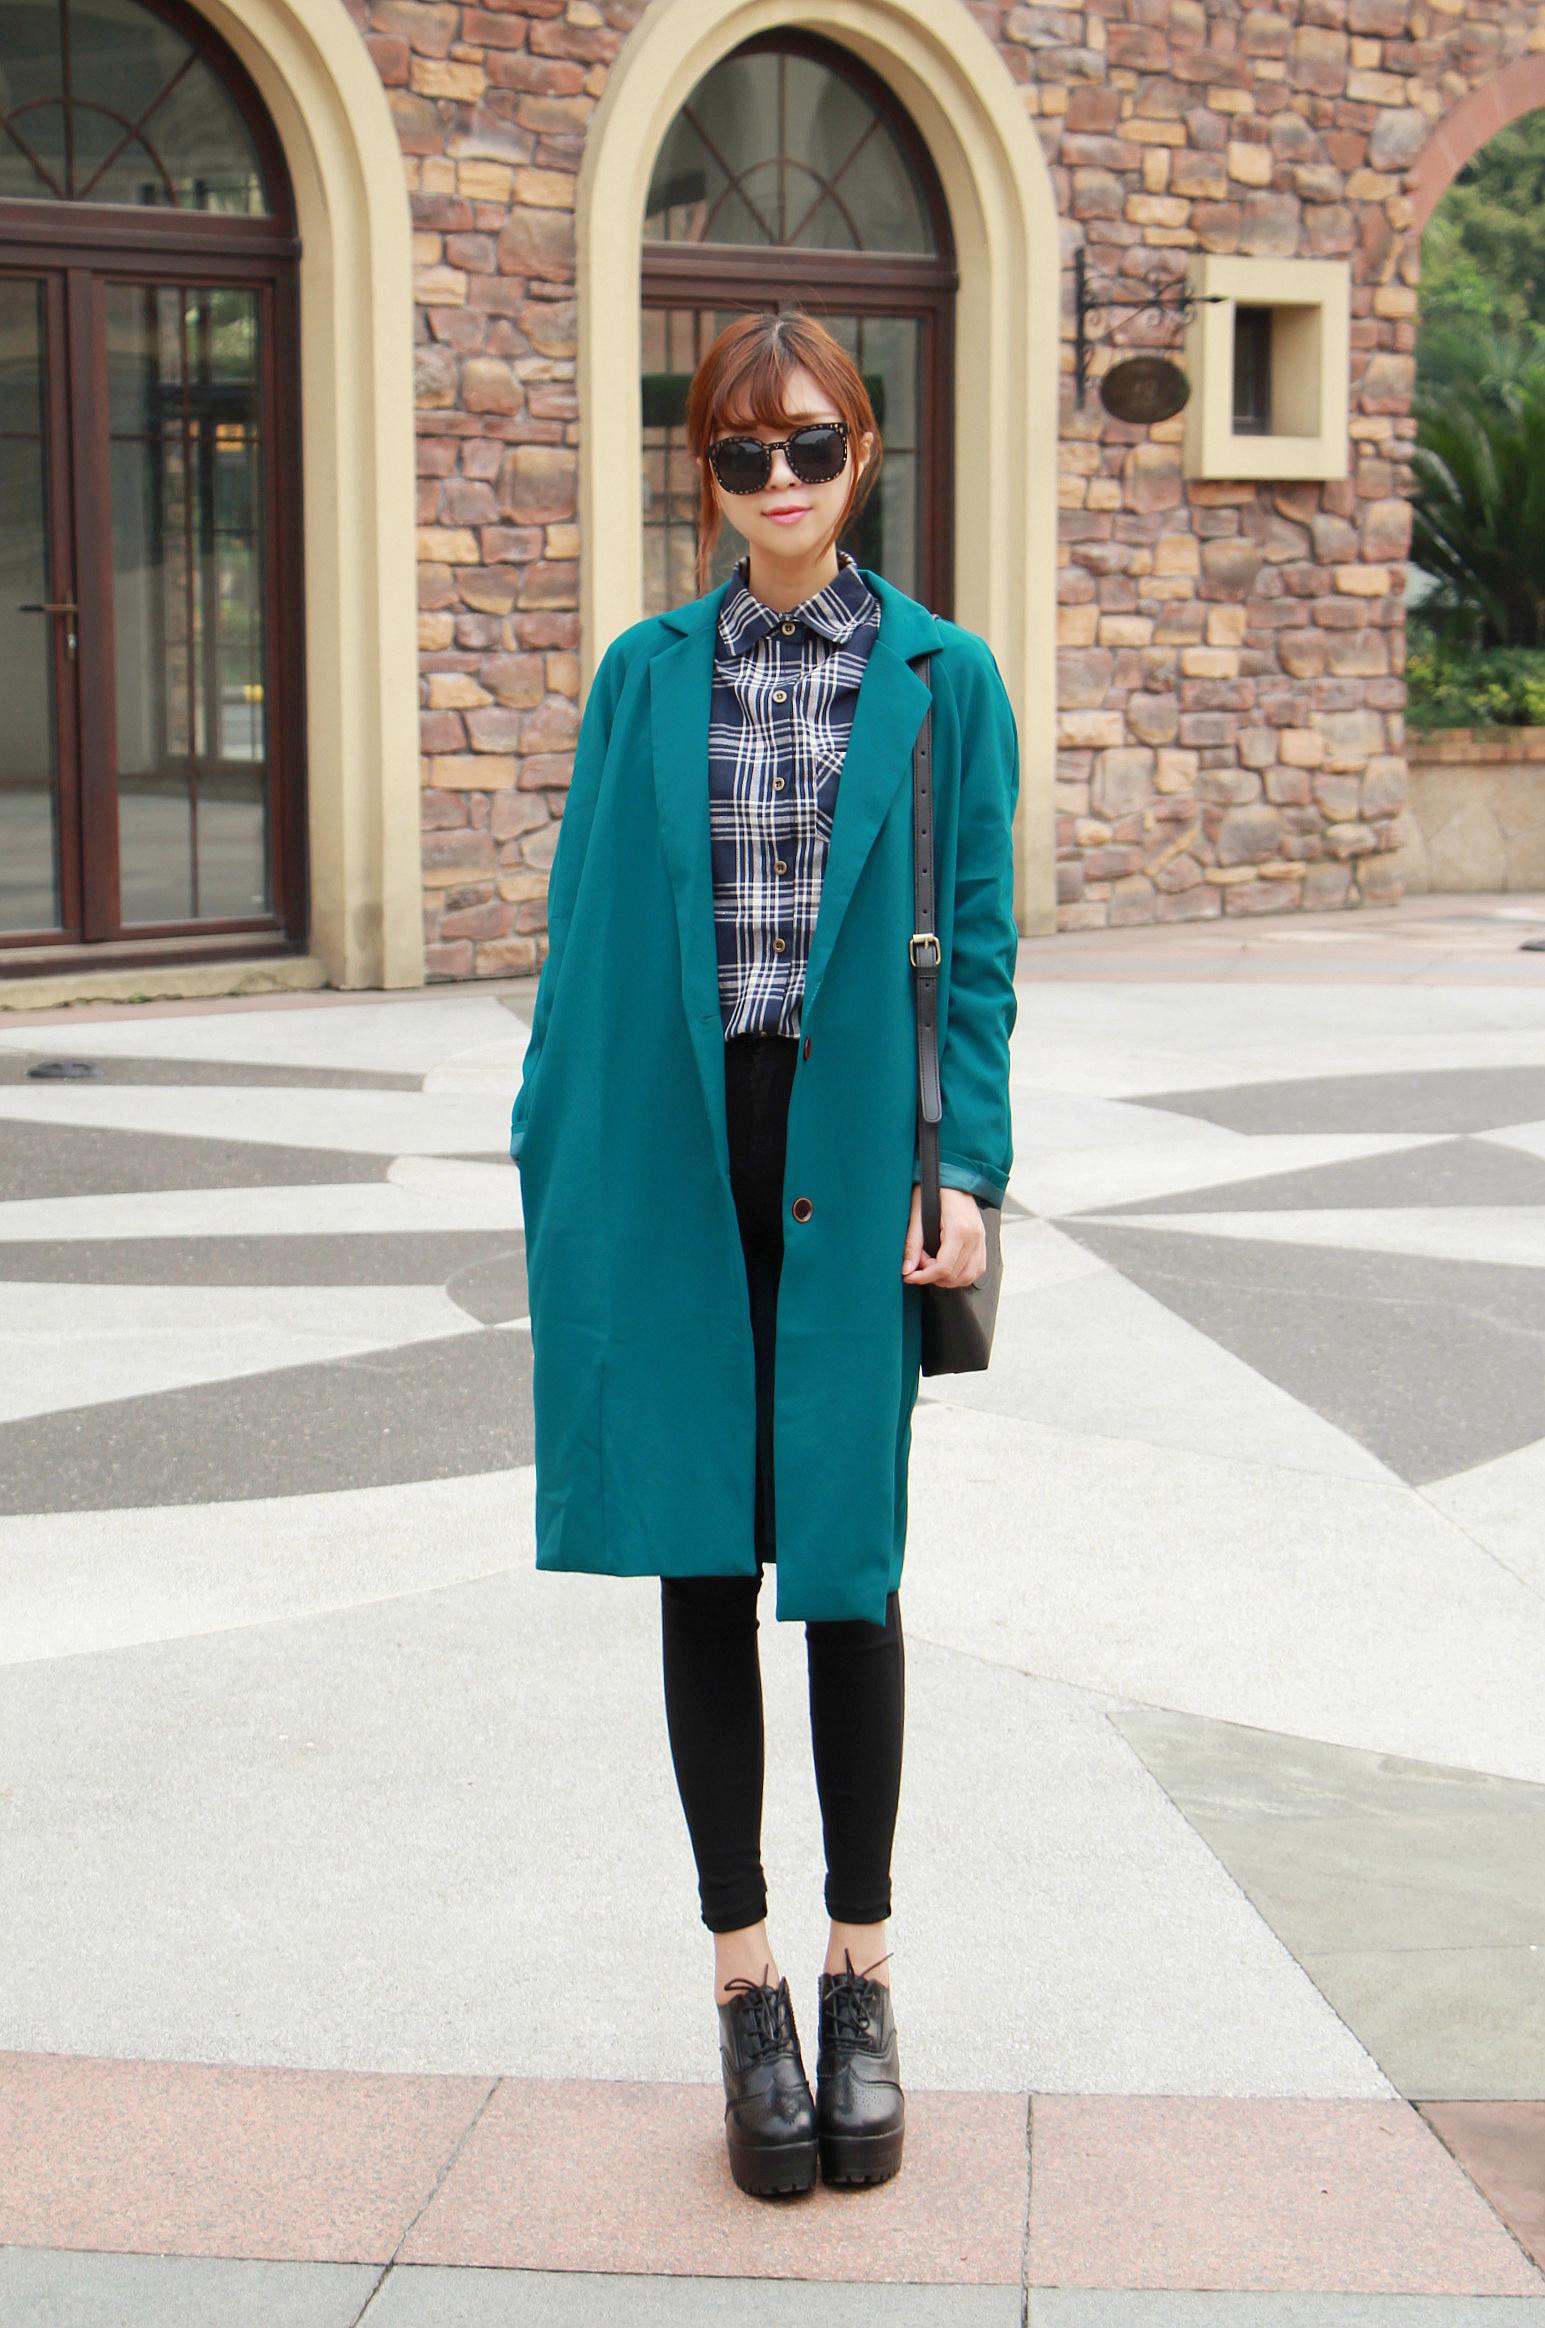 长款的西装外套搭配格子衬衫跟粗跟鞋